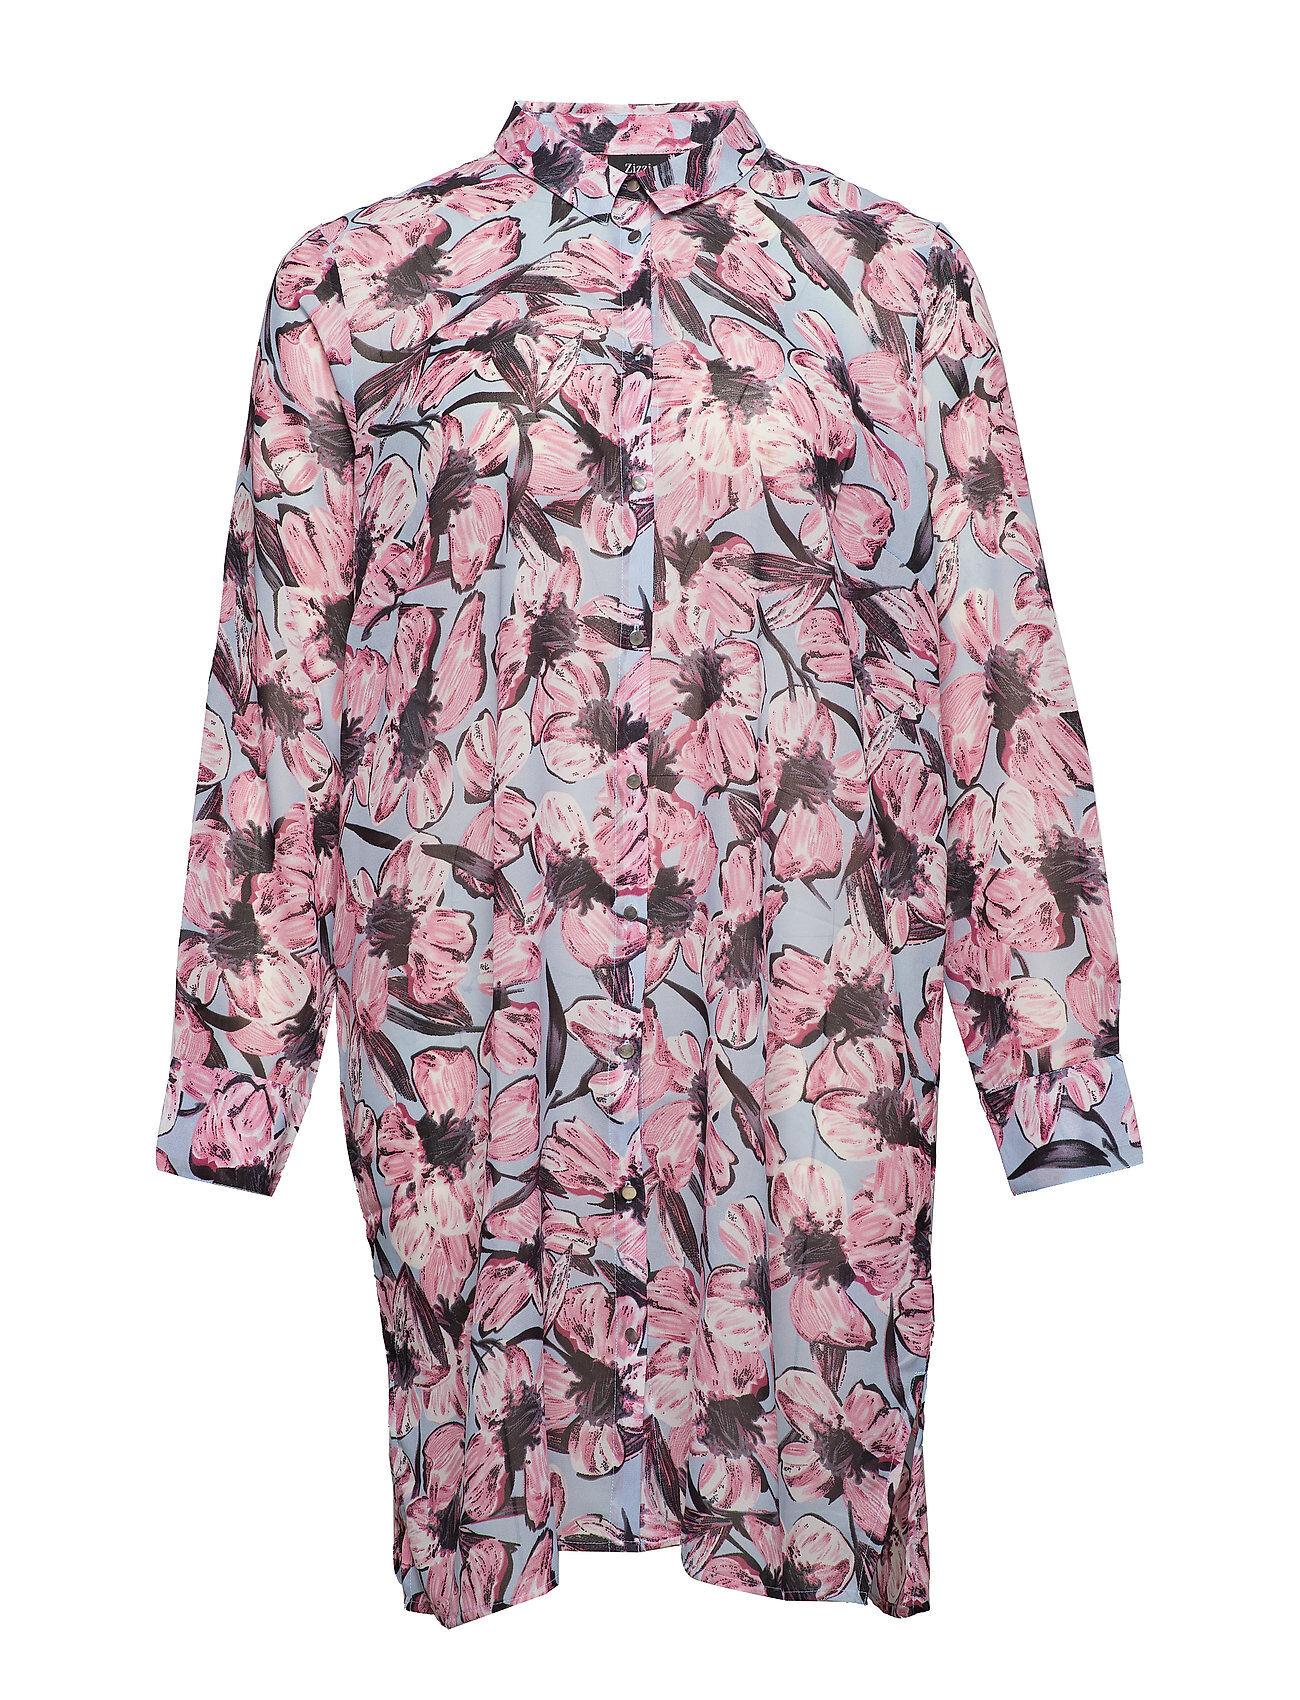 Zizzi %Xmarley, L/S, Long Shirt